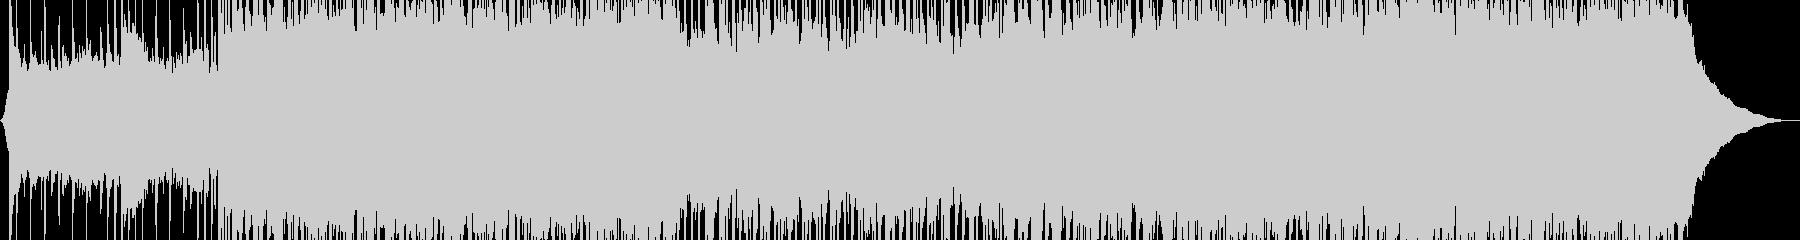 明るくエネルギッシュなパンクロックの背景の未再生の波形